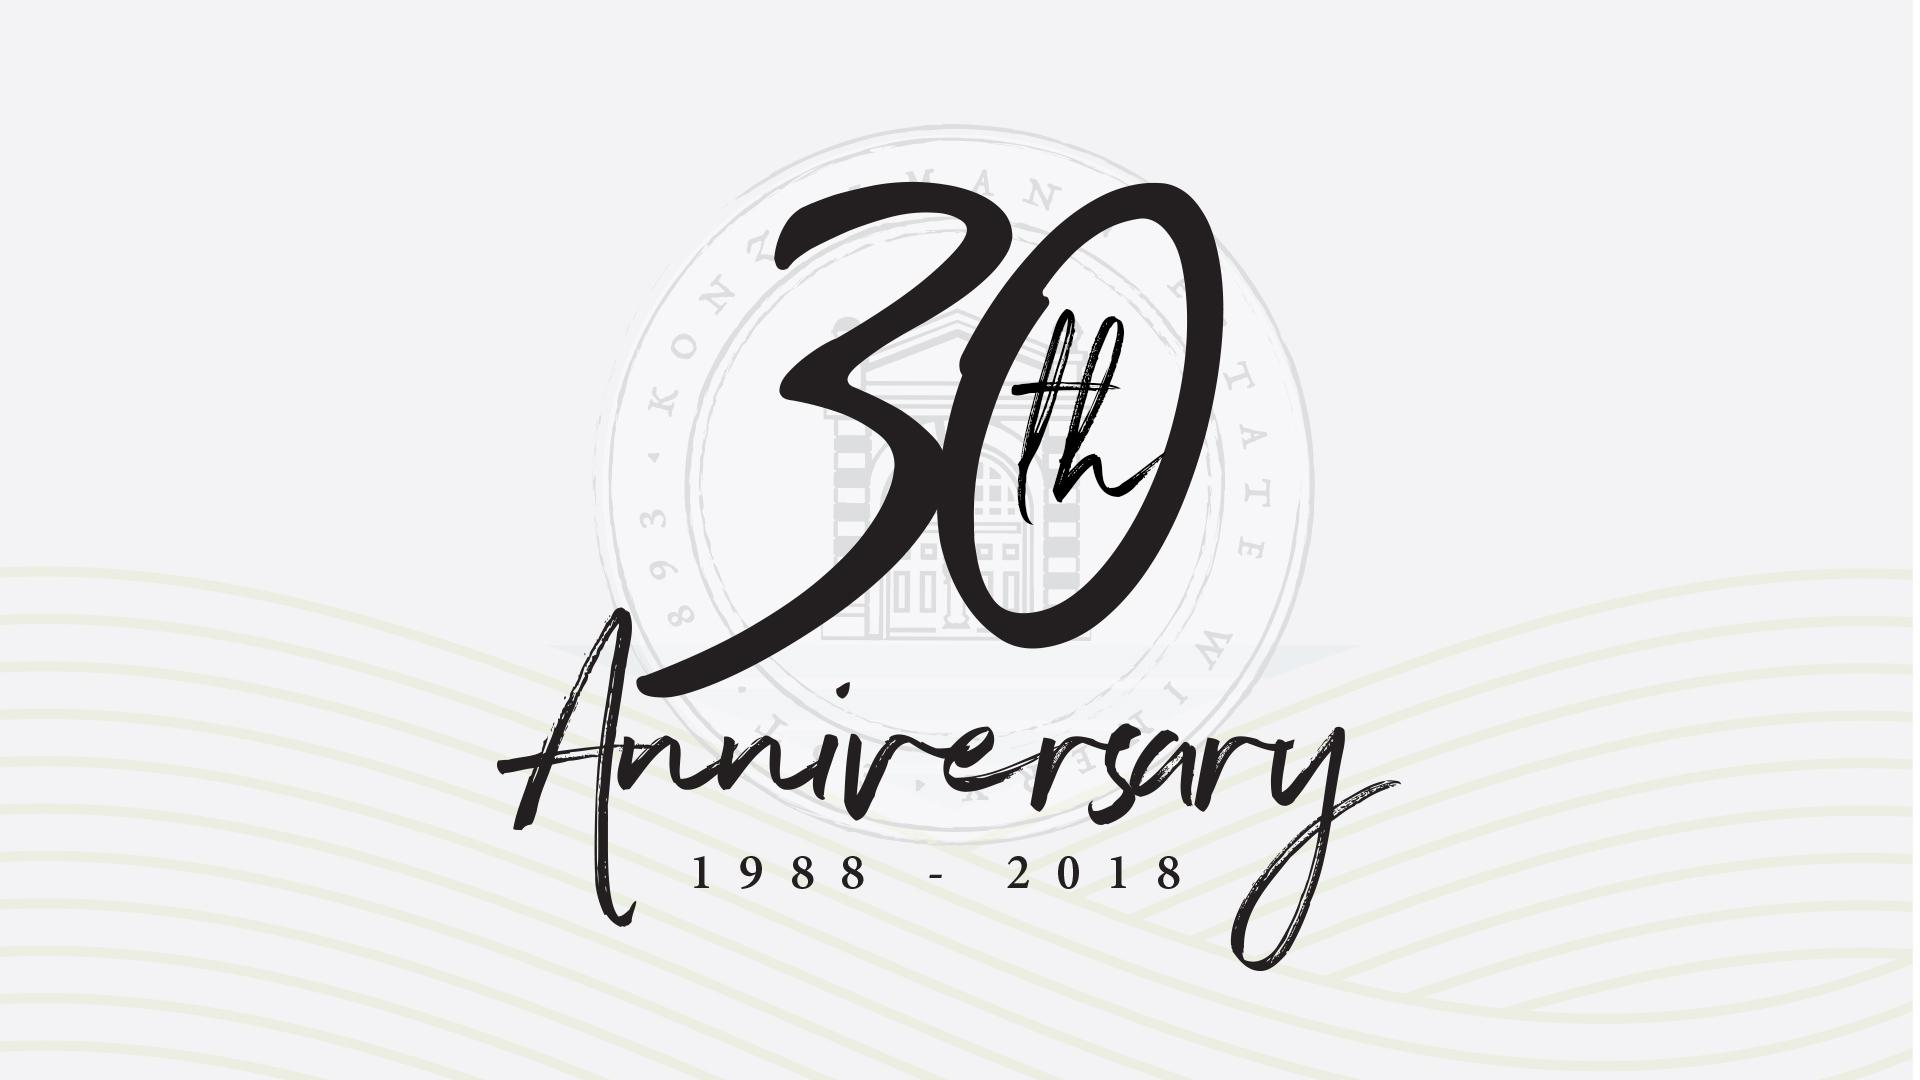 Konzelmann 30th Anniversary